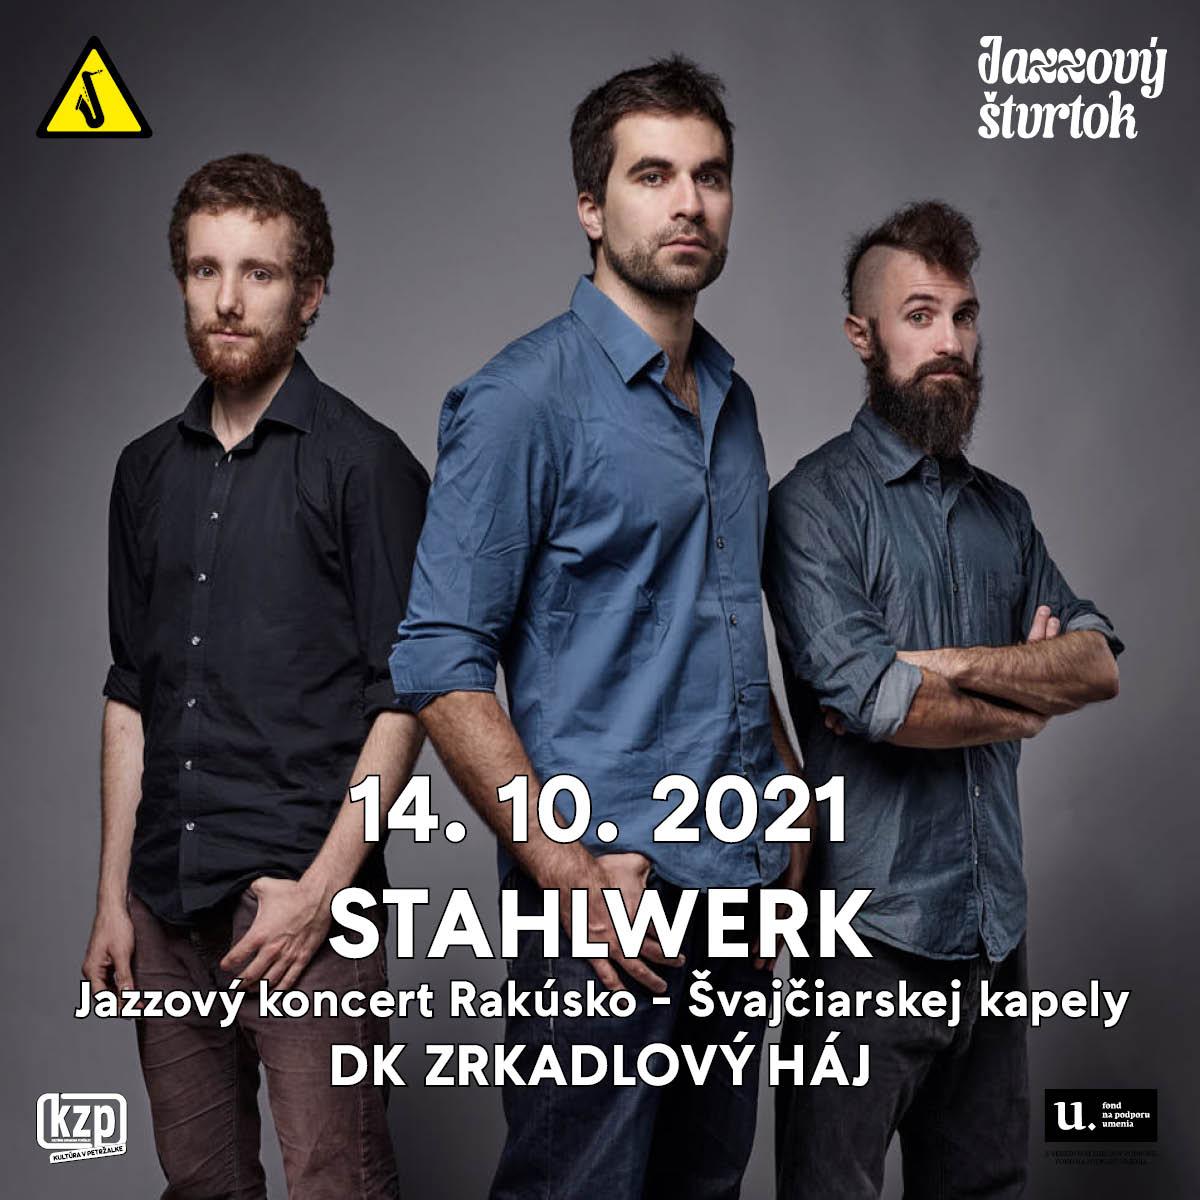 STAHLWERK - Jazzový štvrtok